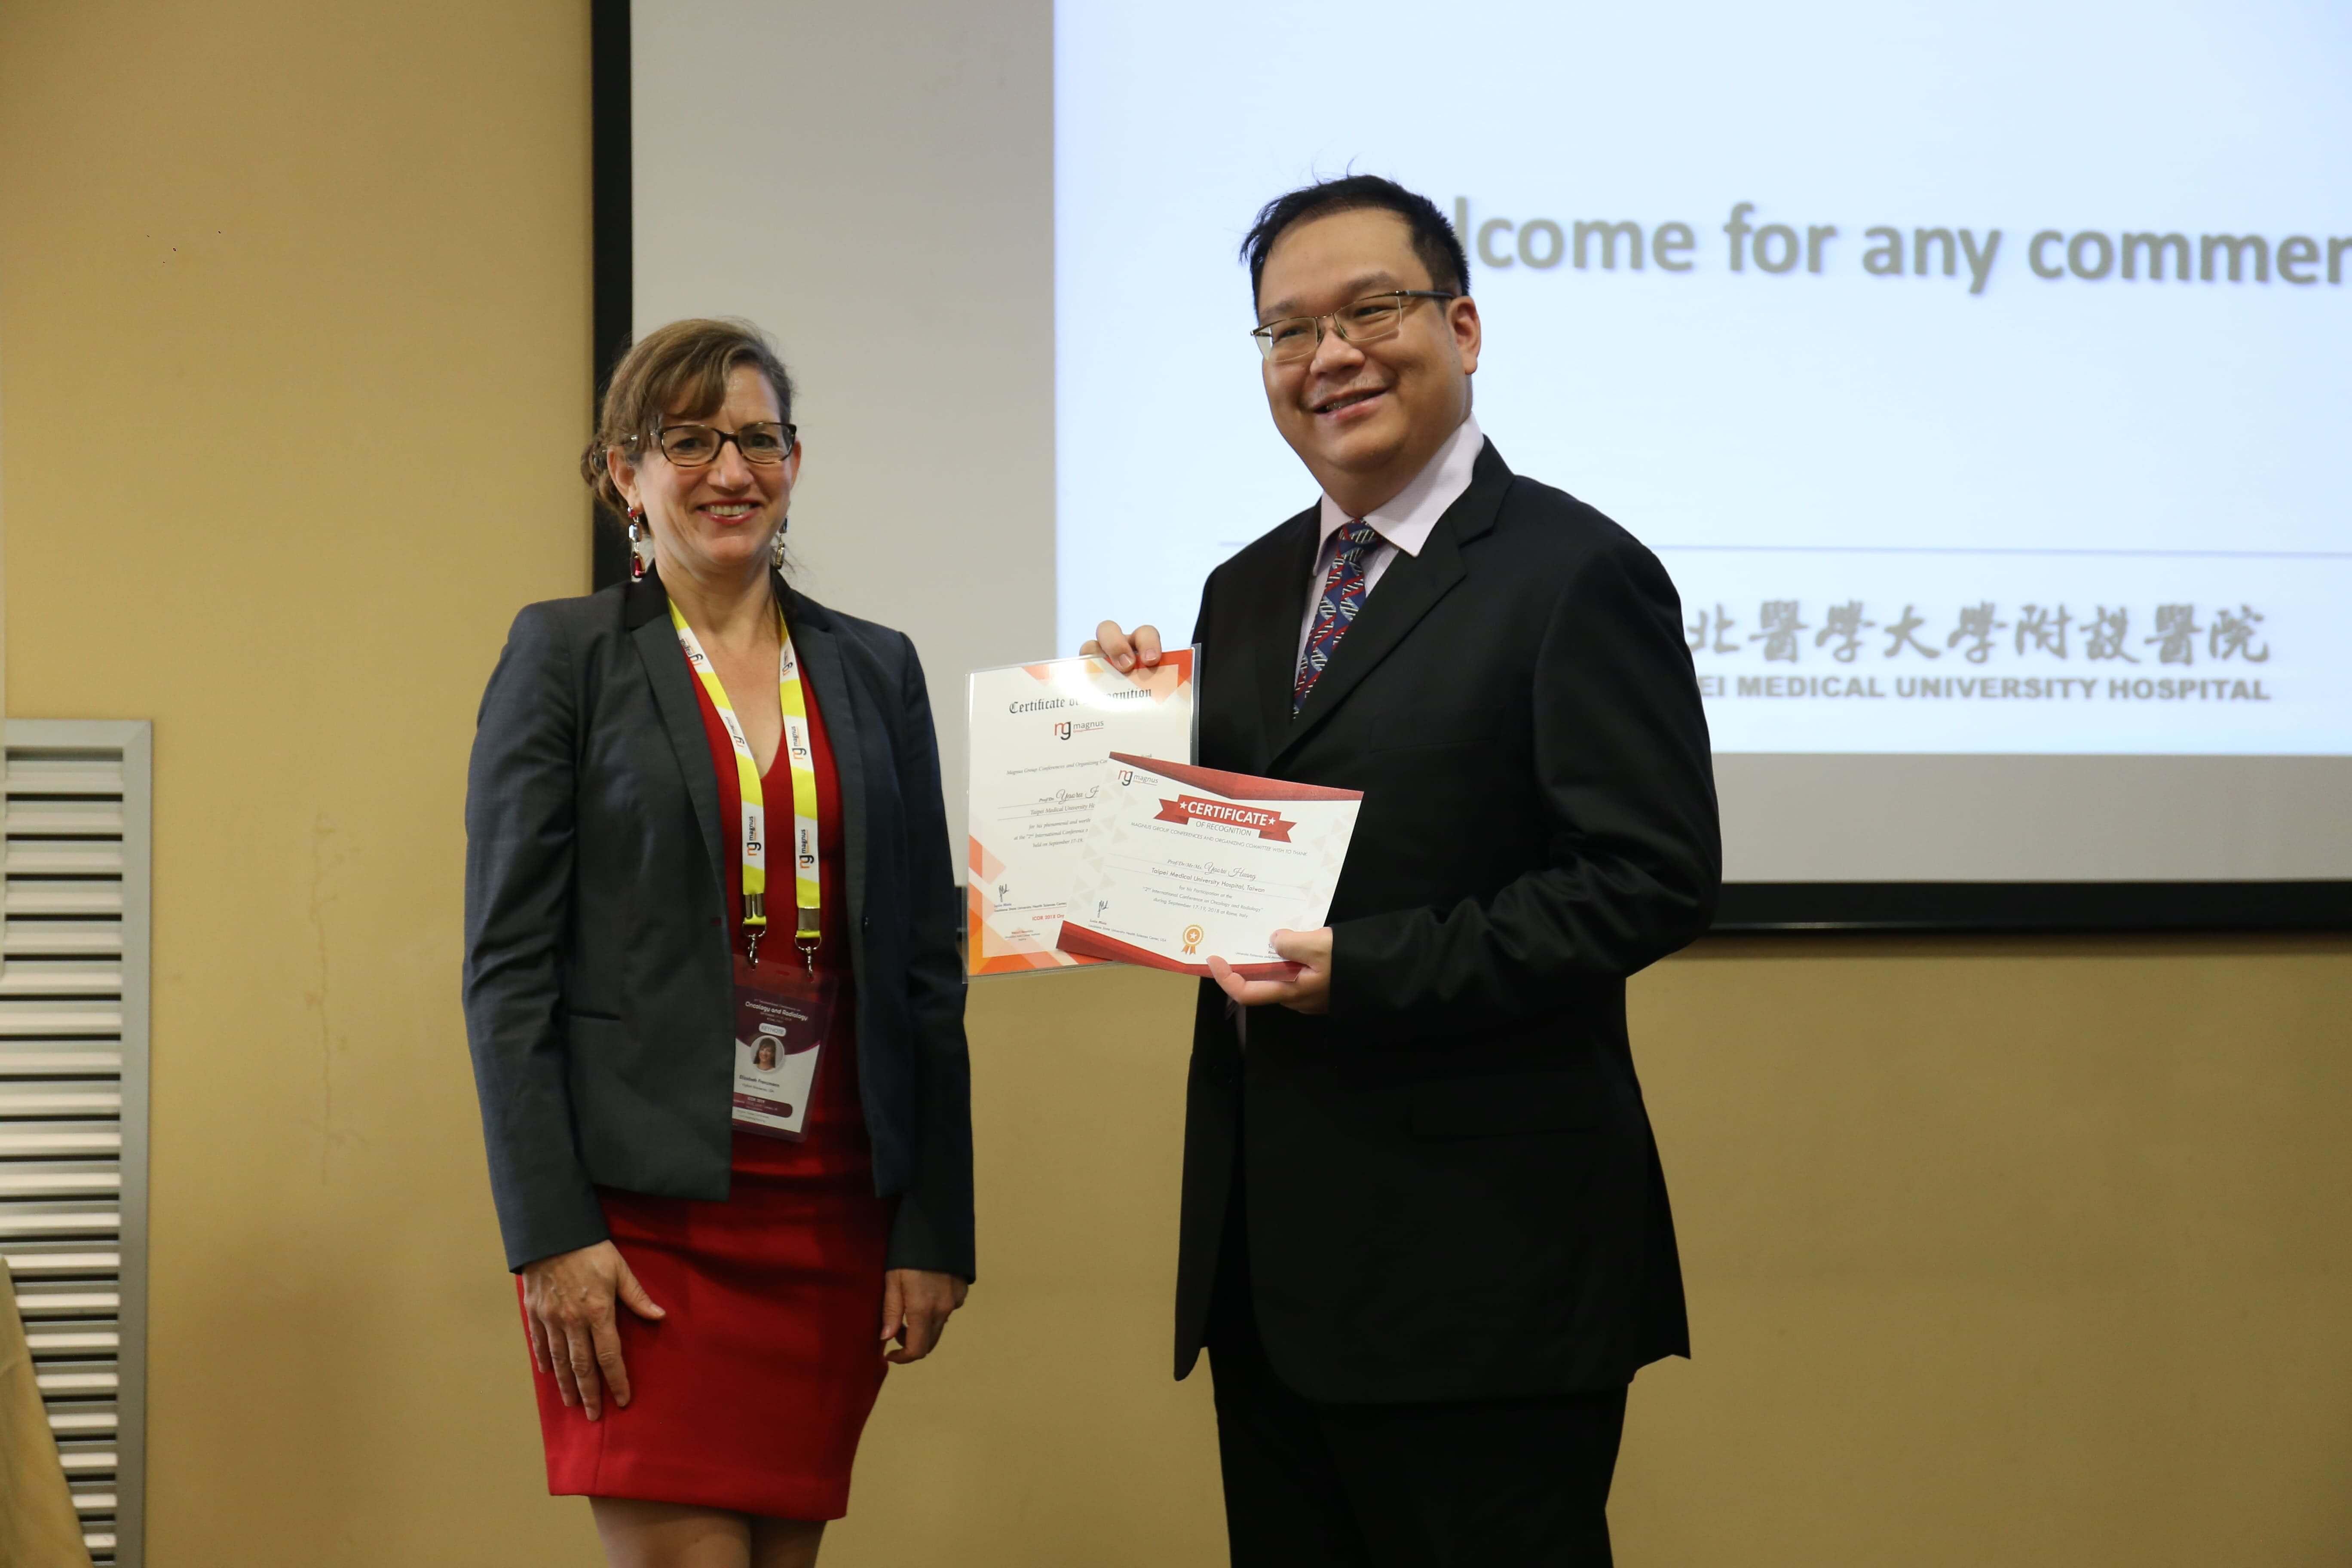 Cancer education conferences - Yaoru Huang